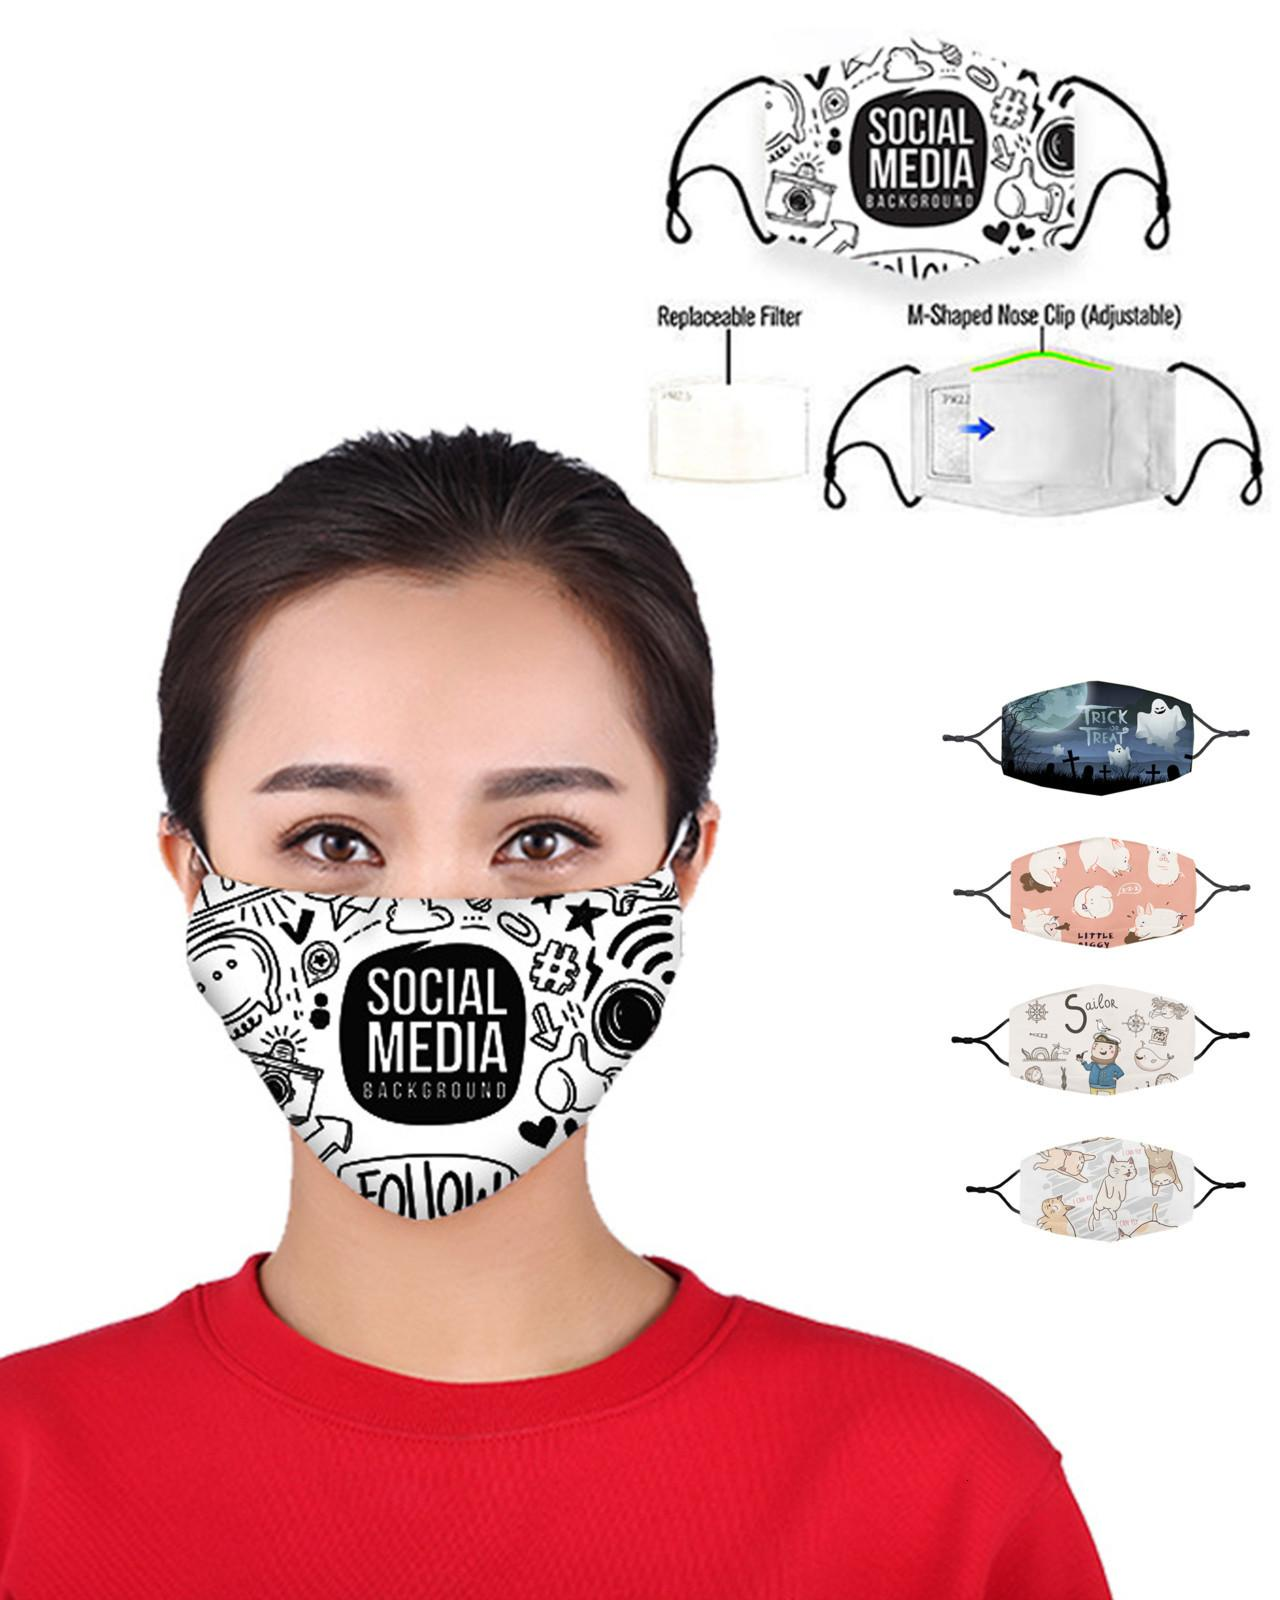 Boca Anti Impresión Máscaras Máscara Dolvo transpirable Lavable Lavable Máscaras Animales Mascarilla Cara con Máscara de Diseñador Filtro UFTR